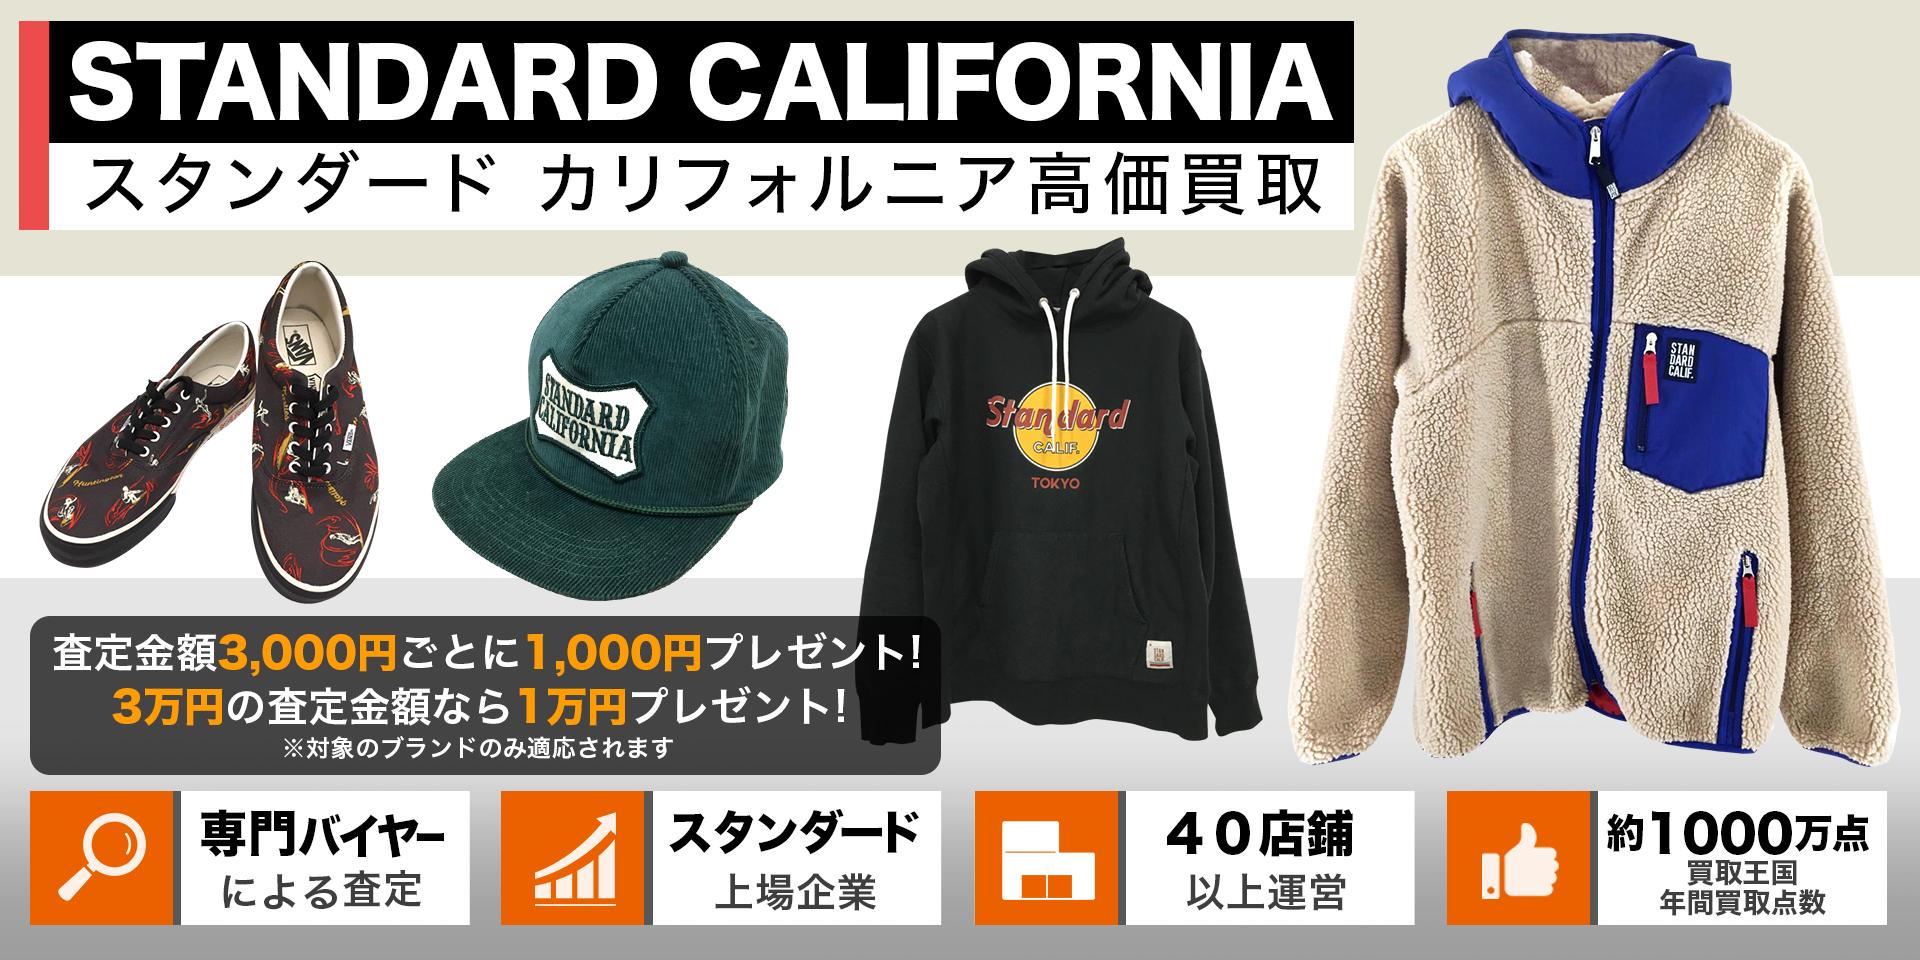 STANDARD CALIFORNIAのキービジュアル